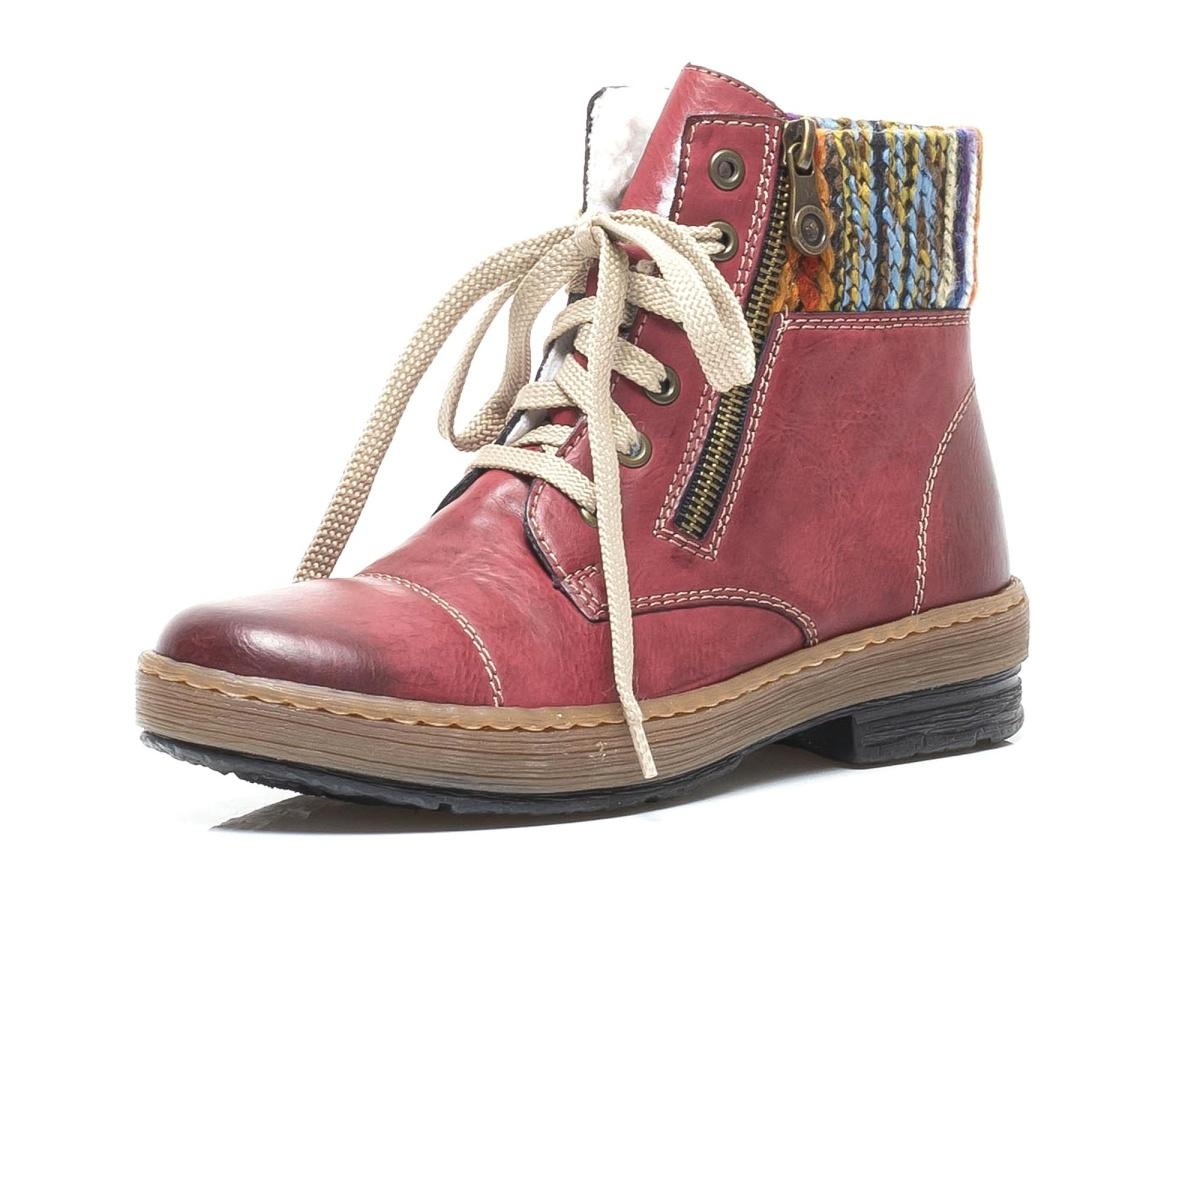 Dámská obuv RIEKERZ6721 35 ROT KOMBI H W 8  36a7a8cb2d